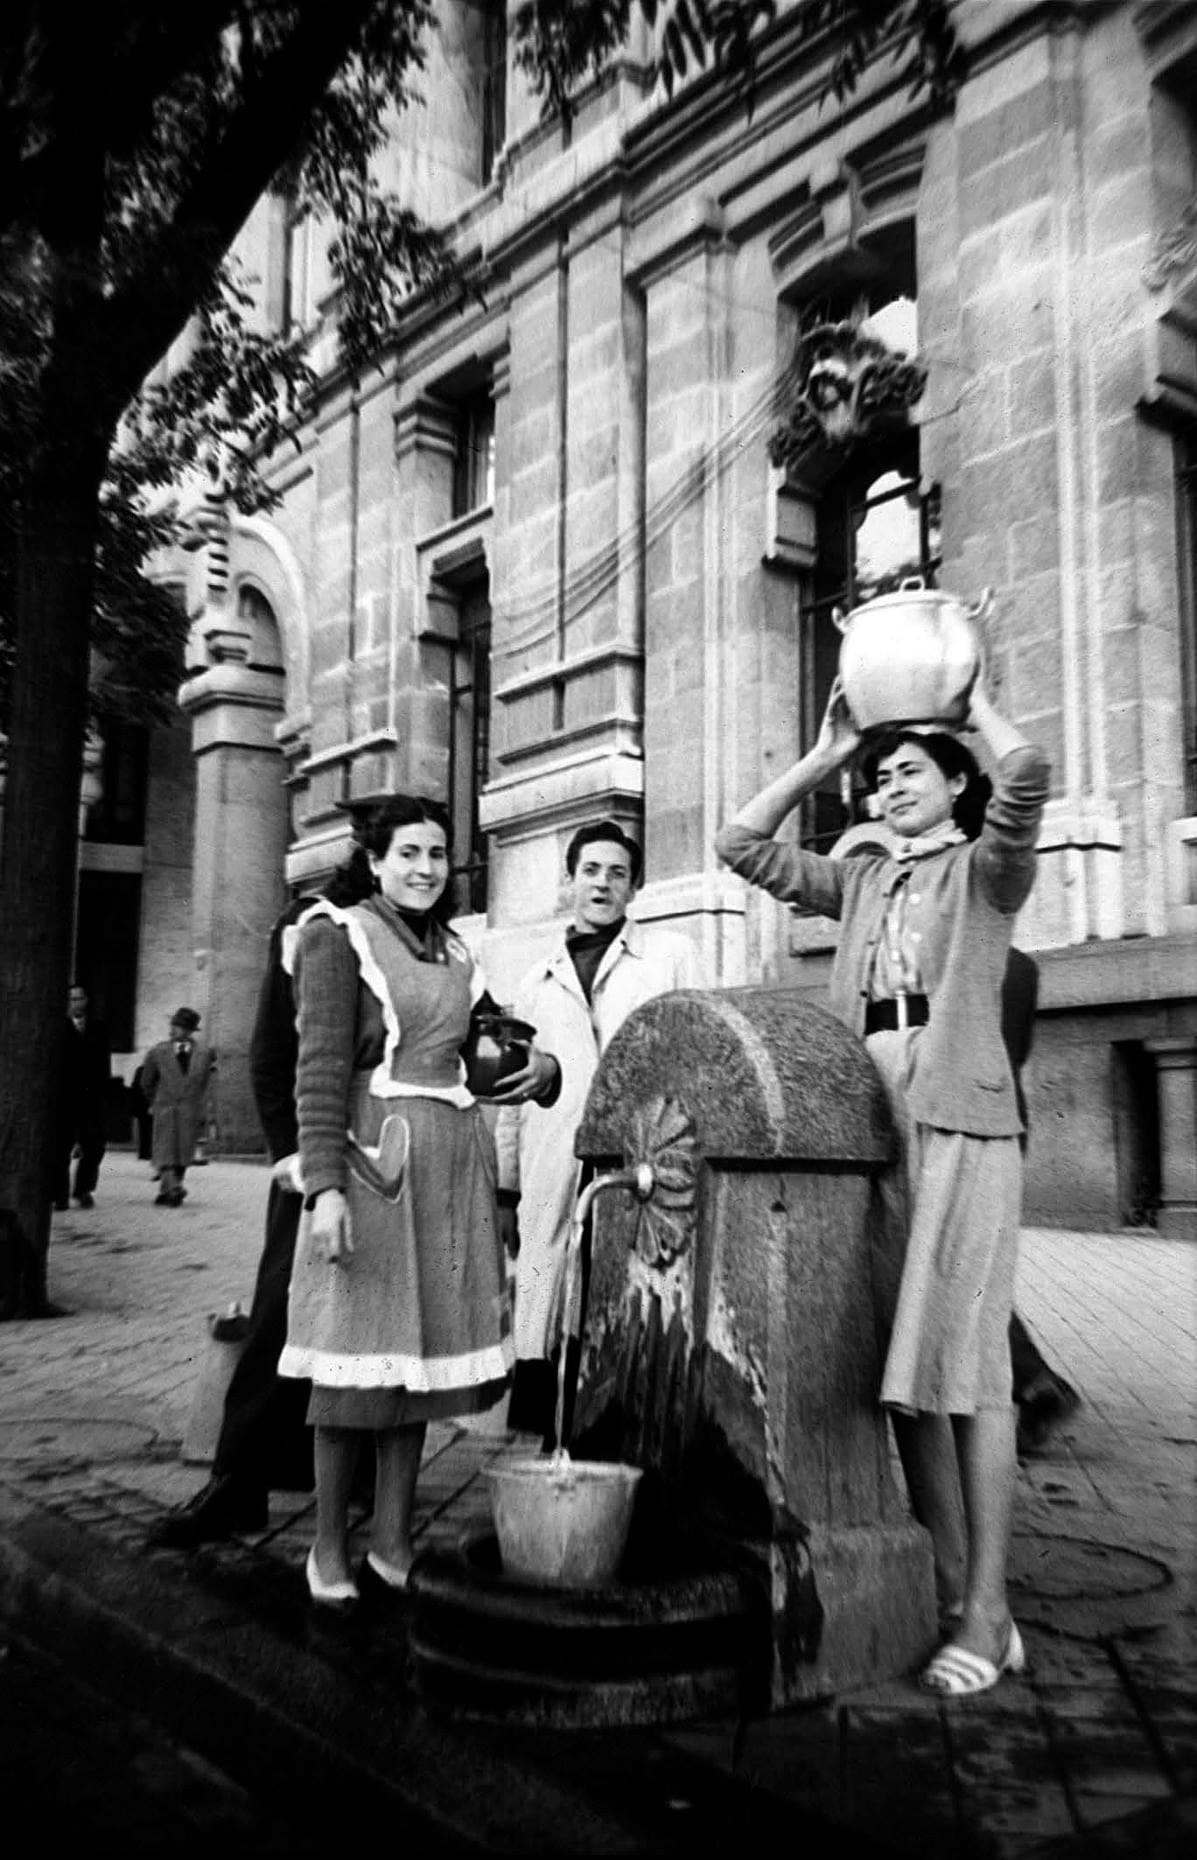 Fuente en la calle Alcalá Madrid